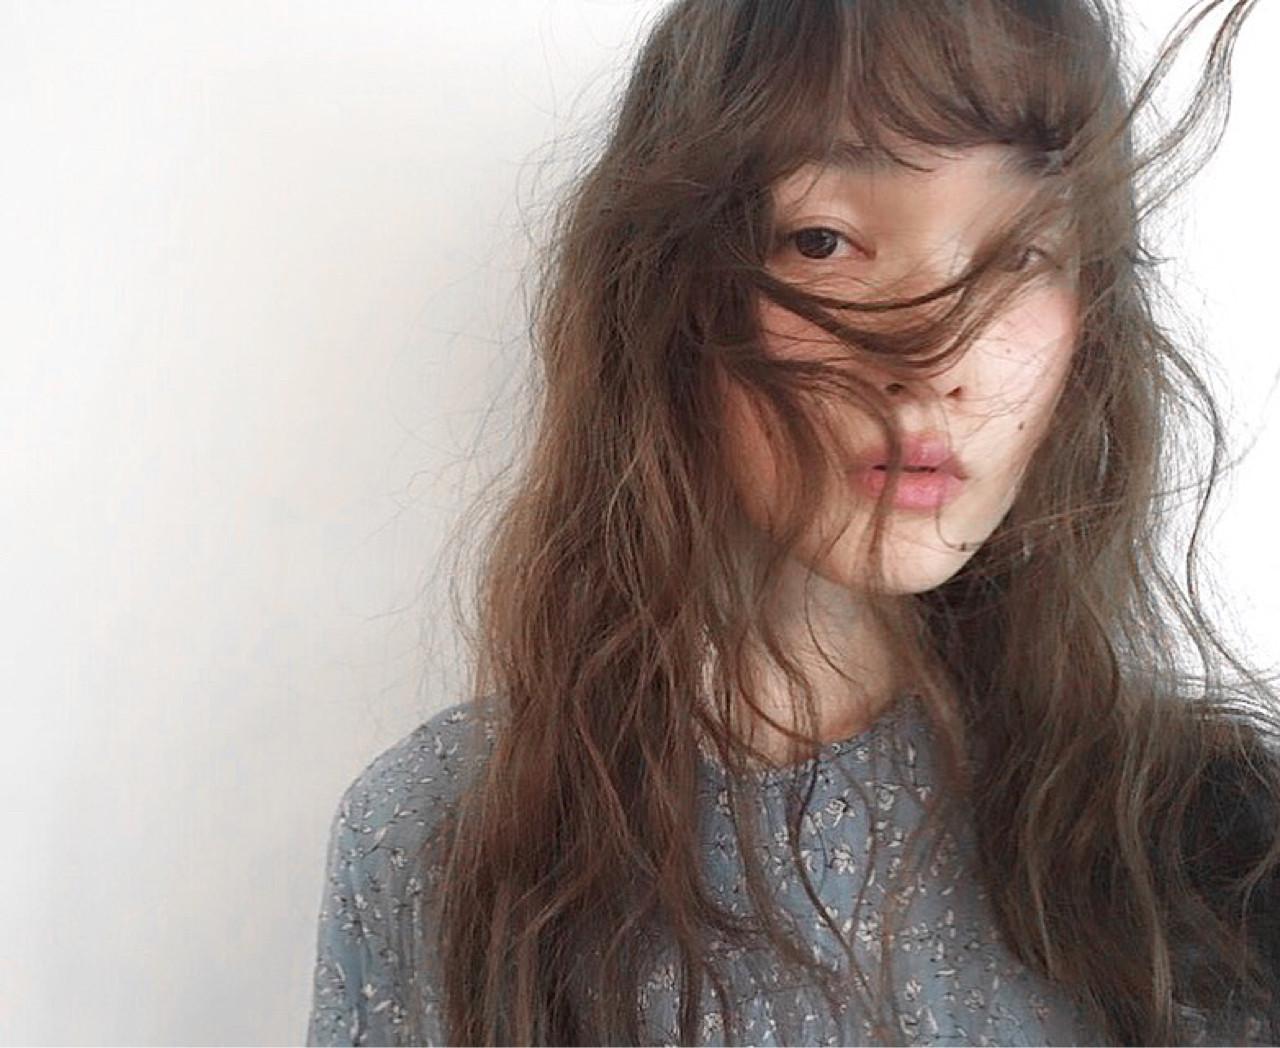 黒髪 オン眉 セミロング ロング ヘアスタイルや髪型の写真・画像